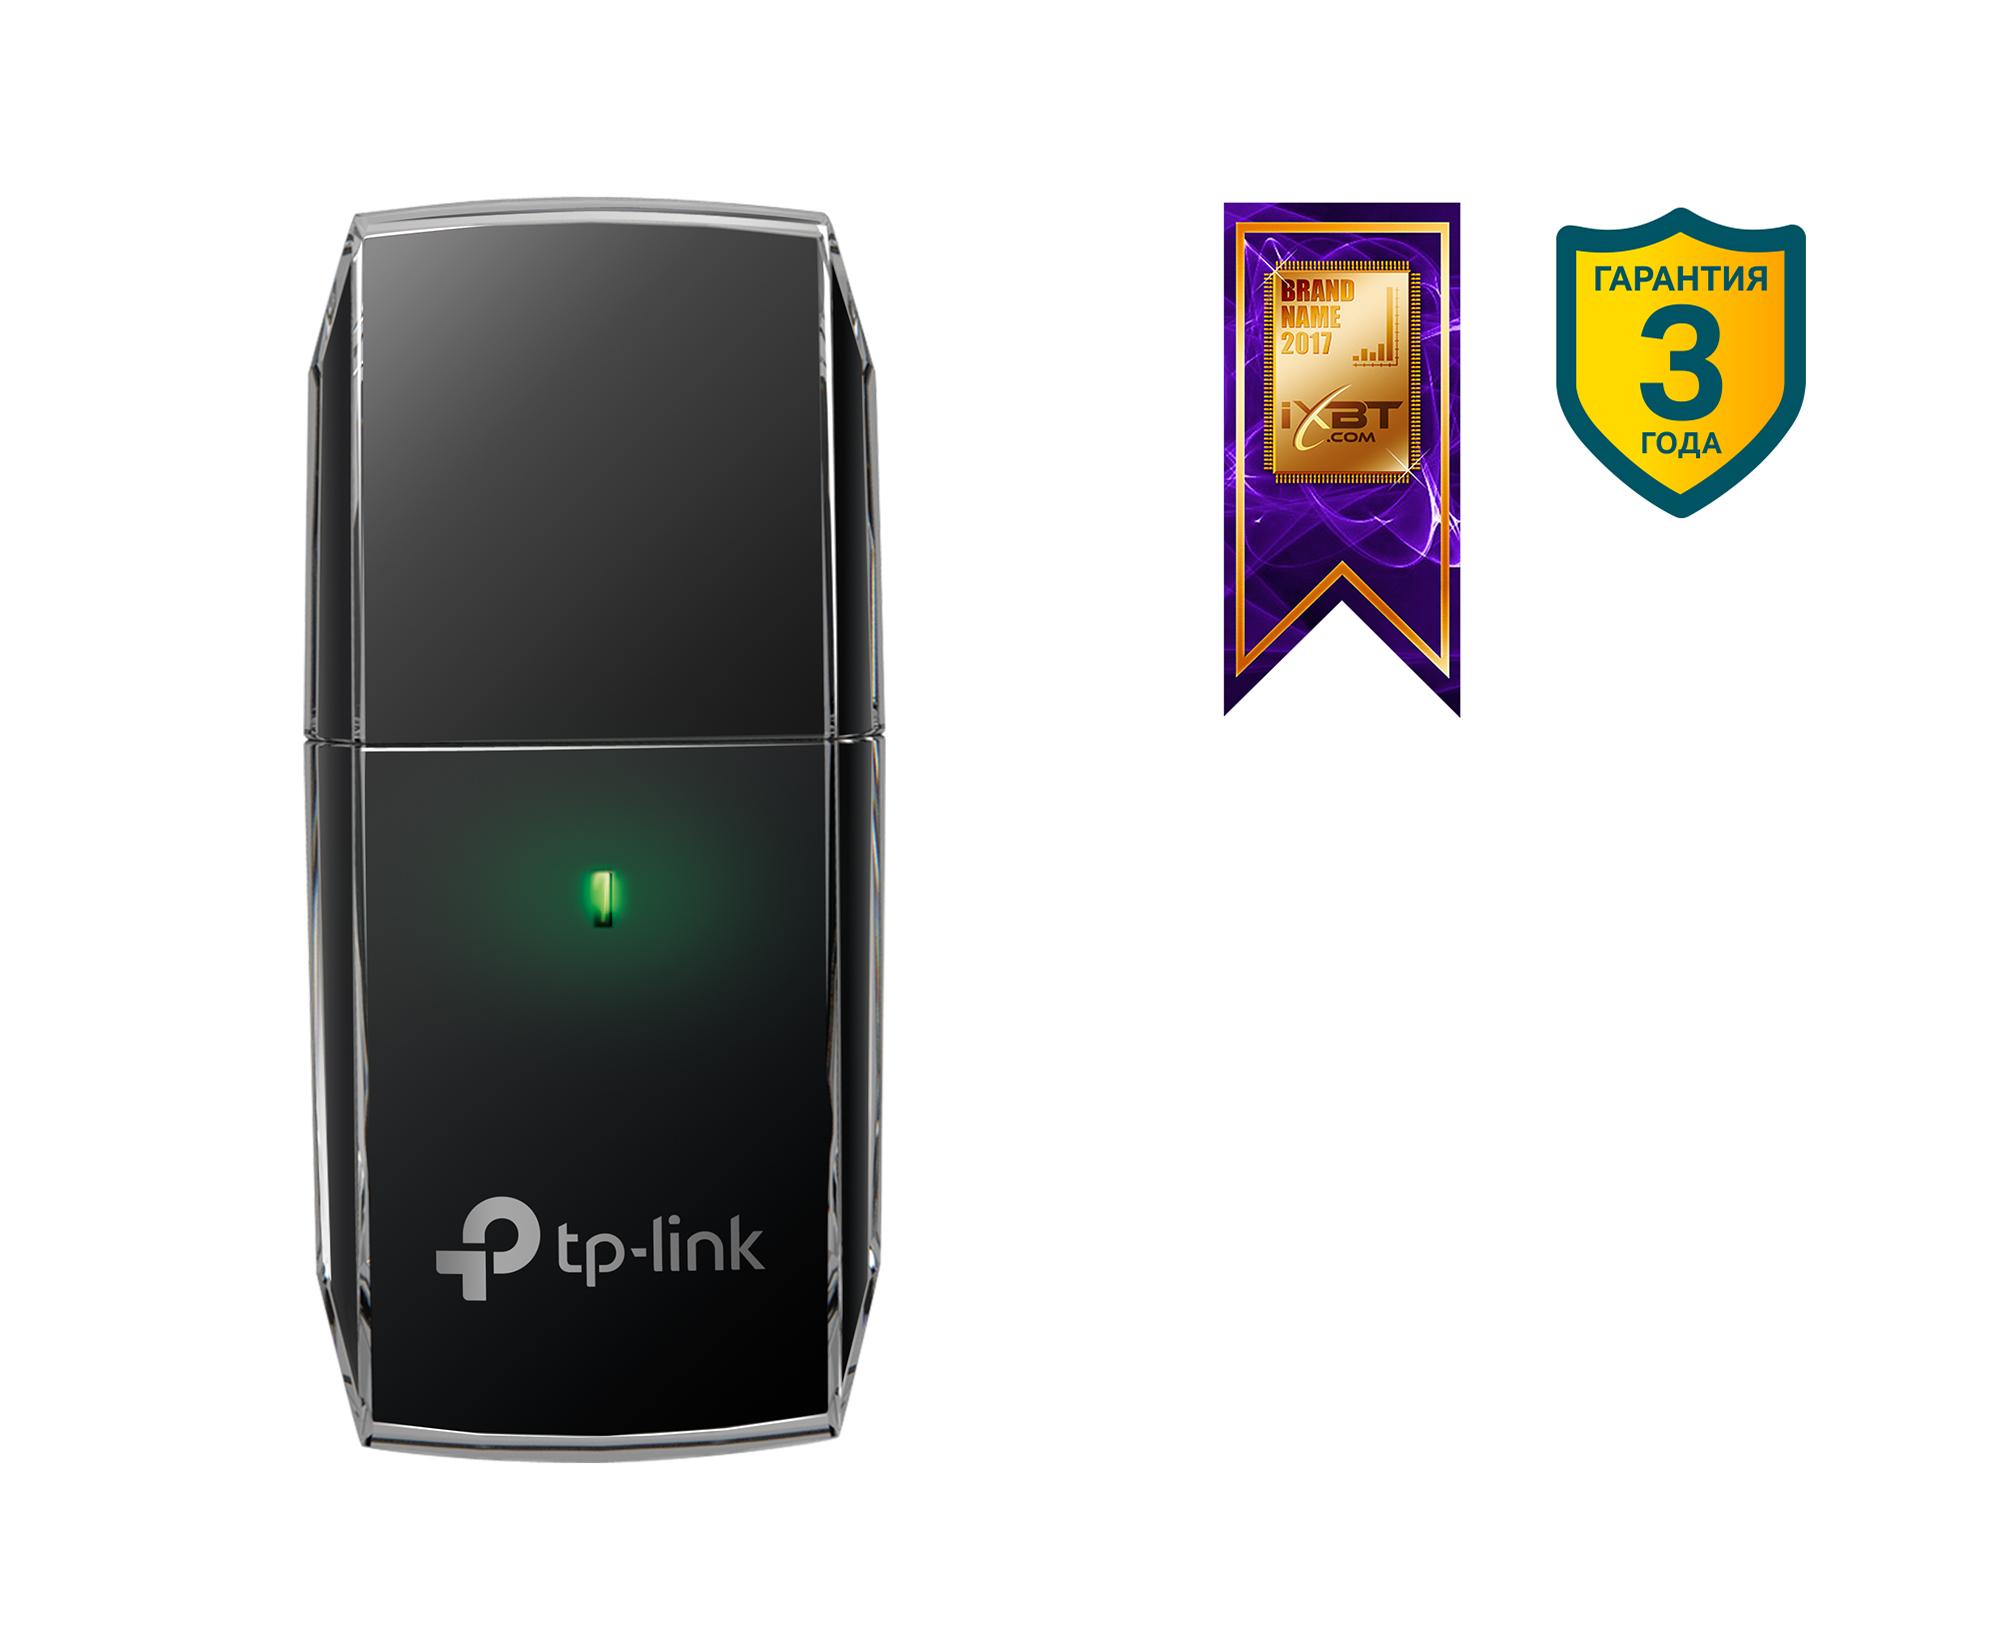 Беспроводной Wi-Fi адаптер TP-LINK Archer T2U 802.11acbgn, 150/433Mbps, 2.4/5GHz, USB стоимость